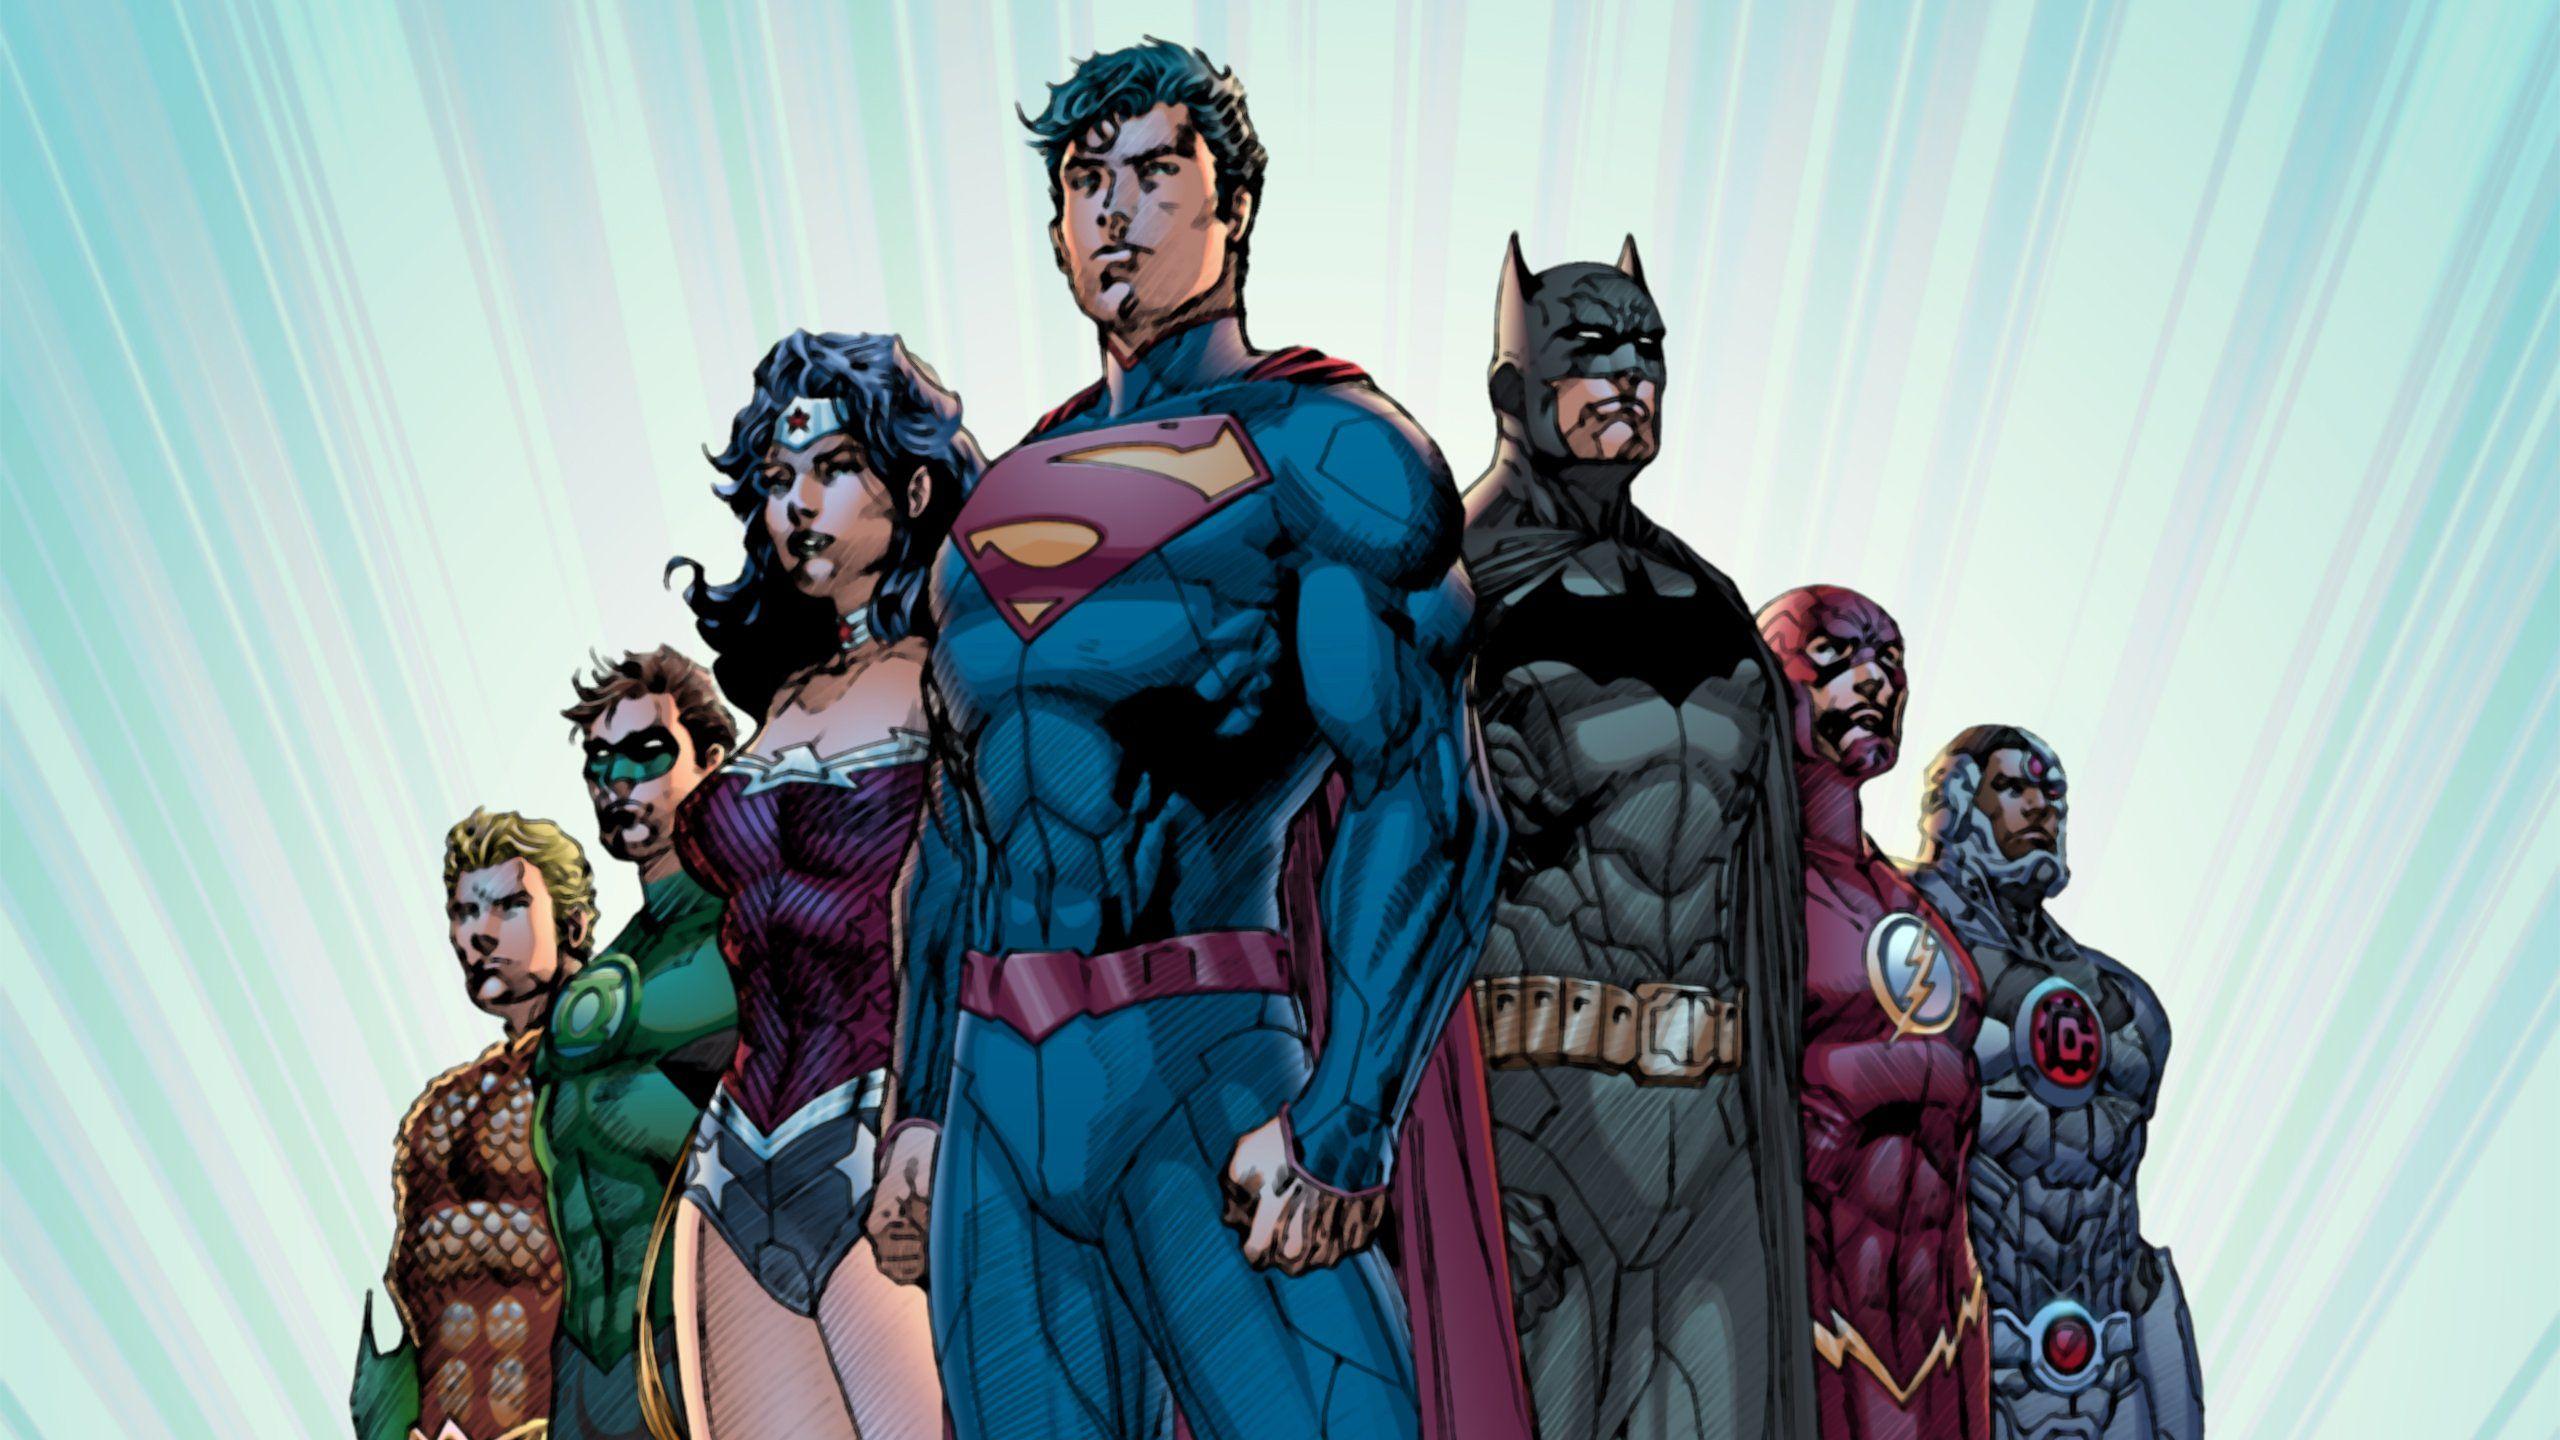 Justice League comenzará rodaje el 11 de abril